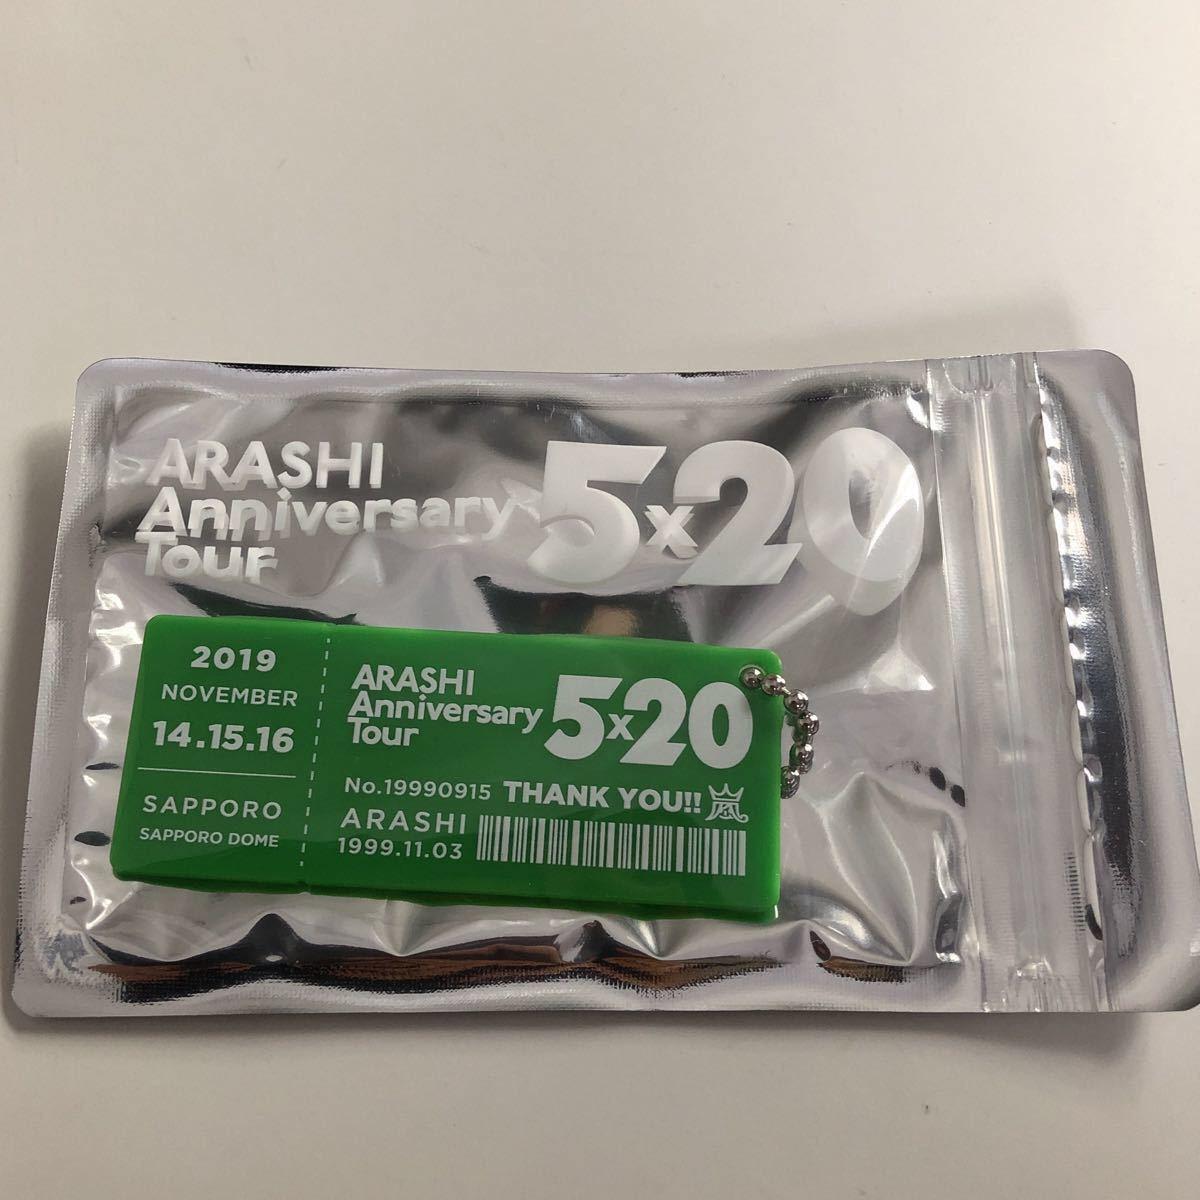 嵐 アクリルプレート ARASHI Anniversary Tour 5×20 4色セット 会場限定 新品未開封 ※黄色無